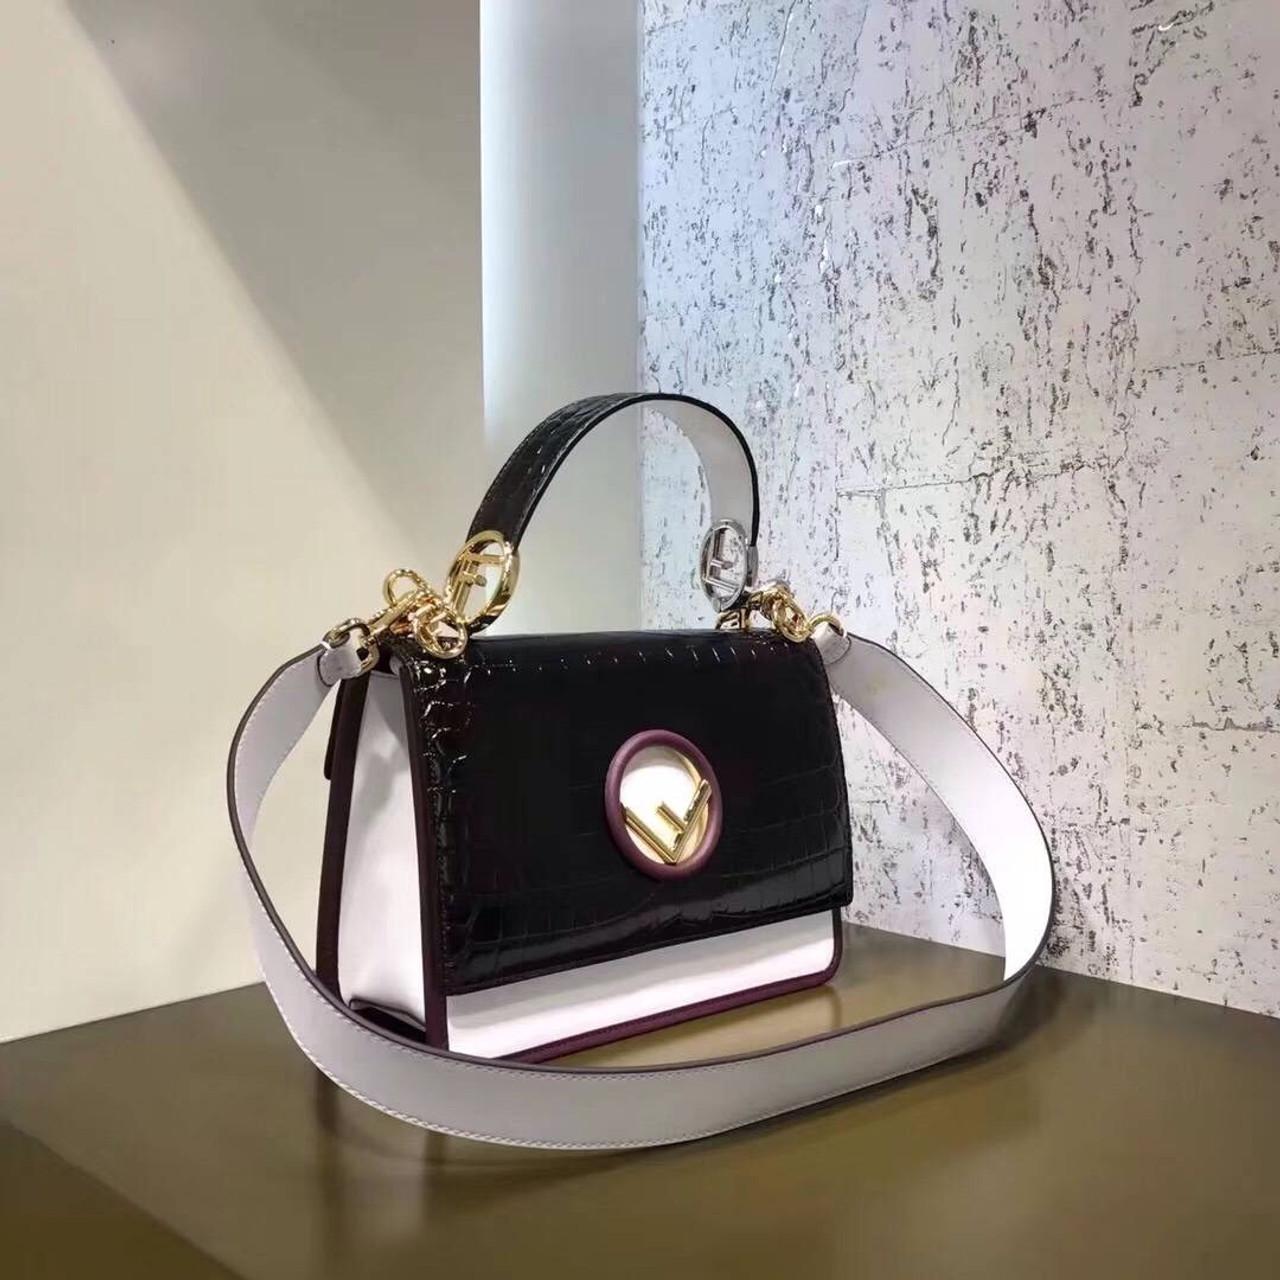 bfb13ce62ce5 Fendi KAN I F Exotic multicolor leather bag - Bella Vita Moda